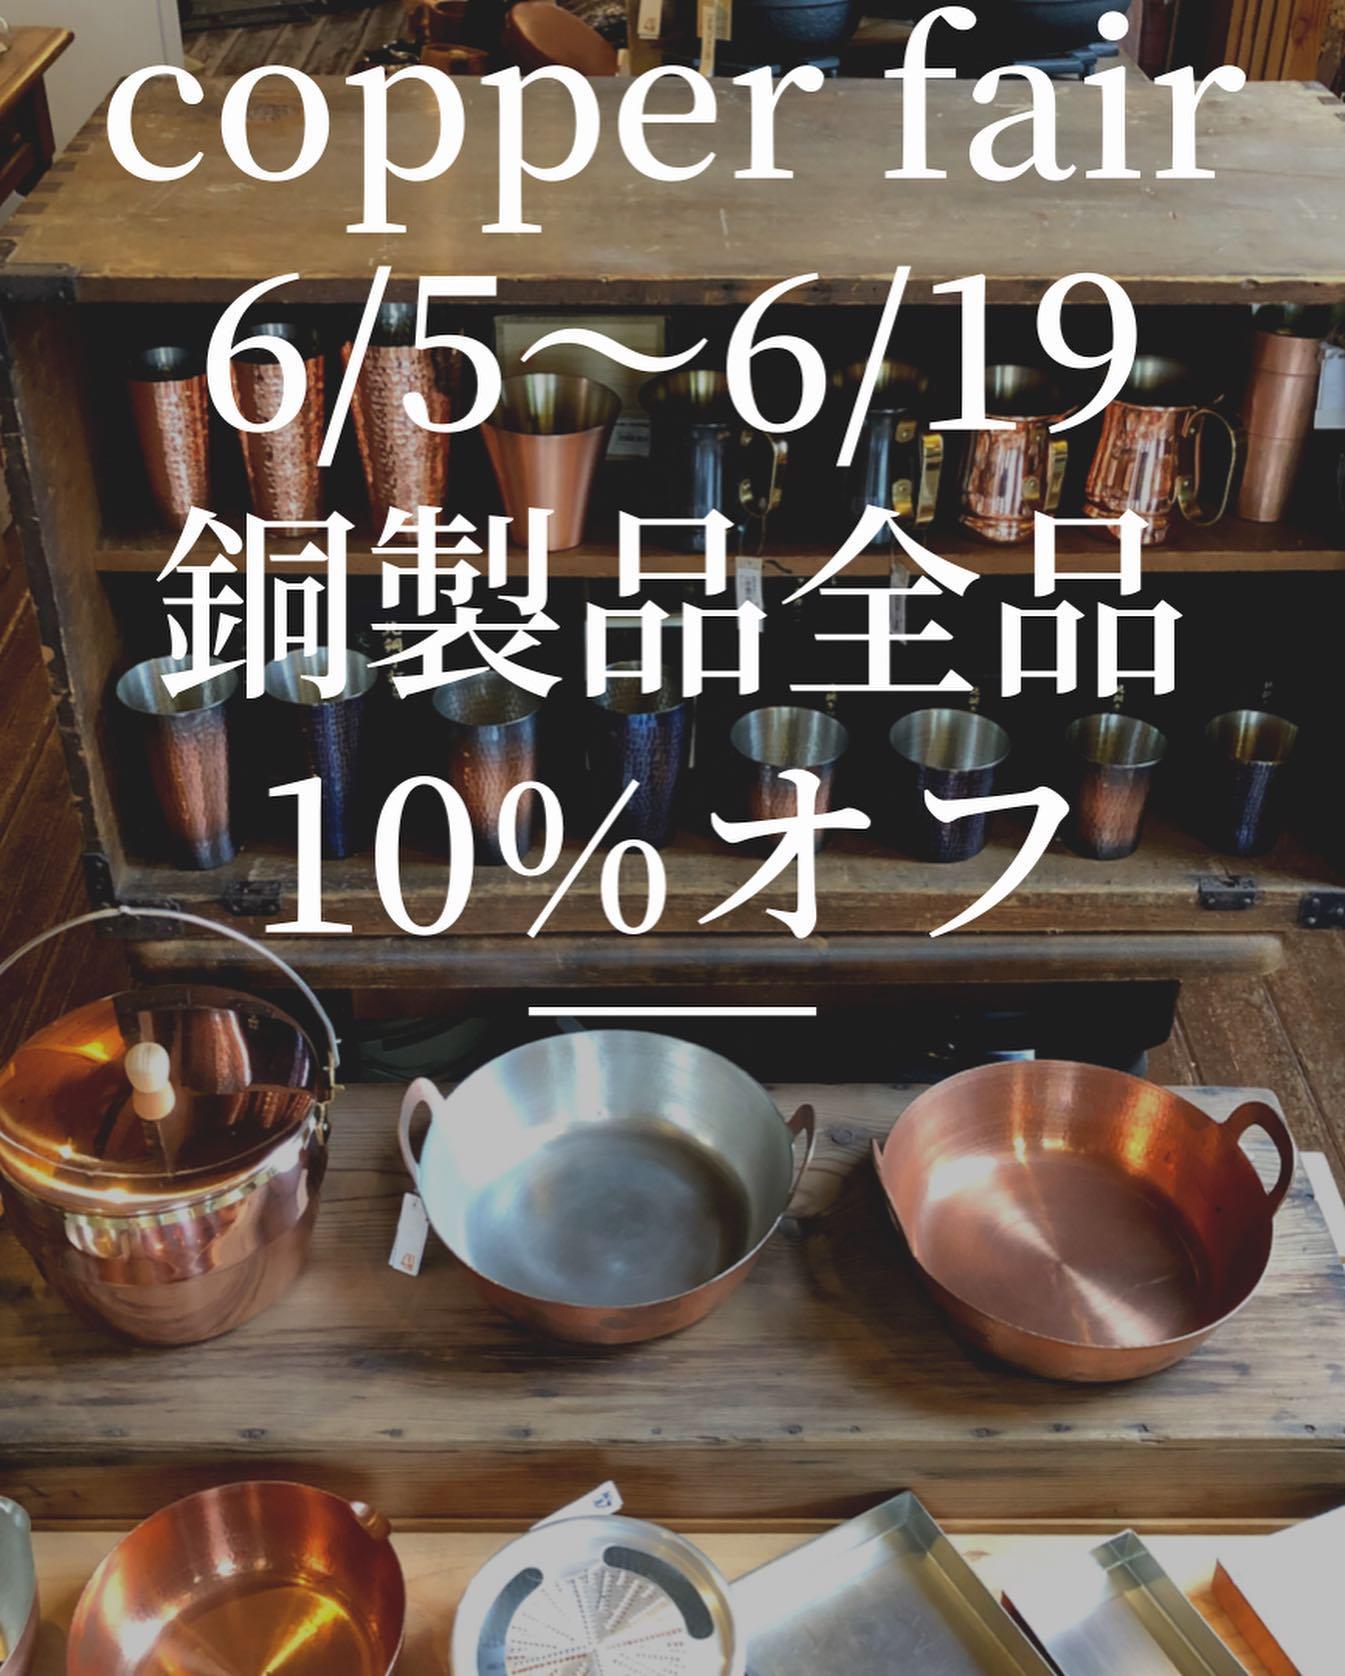 「copper fair」6/5〜6/19まで銅製品全品10%オフ天ぷら鍋、雪平鍋、玉子焼器、洗い桶、ロックカップ、ビアーマグ、タンブラー、ケトル、シェラカップなどなど…梅雨時のジメジメした季節はどうしても雑菌がましますね。滅菌効果の高い銅製品の力!是非このタイミングで^_^料理にも最適な銅製品!色鮮やかに料理をしたい!!!〜天ぷら揚げました!! 熱伝導が最高!温度が下がらない為、カラッと上がる。キッチンで使うだけじゃもったいない!!アウトドアで直火で飲みながらの天ぷらパーティーにもおすすめです!!〜Stove houseならではの、キッチンからアウトドアまでを網羅する幅広い使い方で^_^ #ストーブハウス原村 #薪ストーブ #薪ストーブのある暮らし #原村#八ヶ岳#銅製品#抗菌 #殺菌 #熱伝導#銅イオン #銅製#新潟#燕三条#鎚目 #雪平鍋 #天ぷら鍋 #料理好きな人と繋がりたい#天ぷら#フライ #串揚げ #とんかつ #からあげ #からっと #さっくり#アウトドア #アウトドア飯 #キャンプ#キャンプ飯